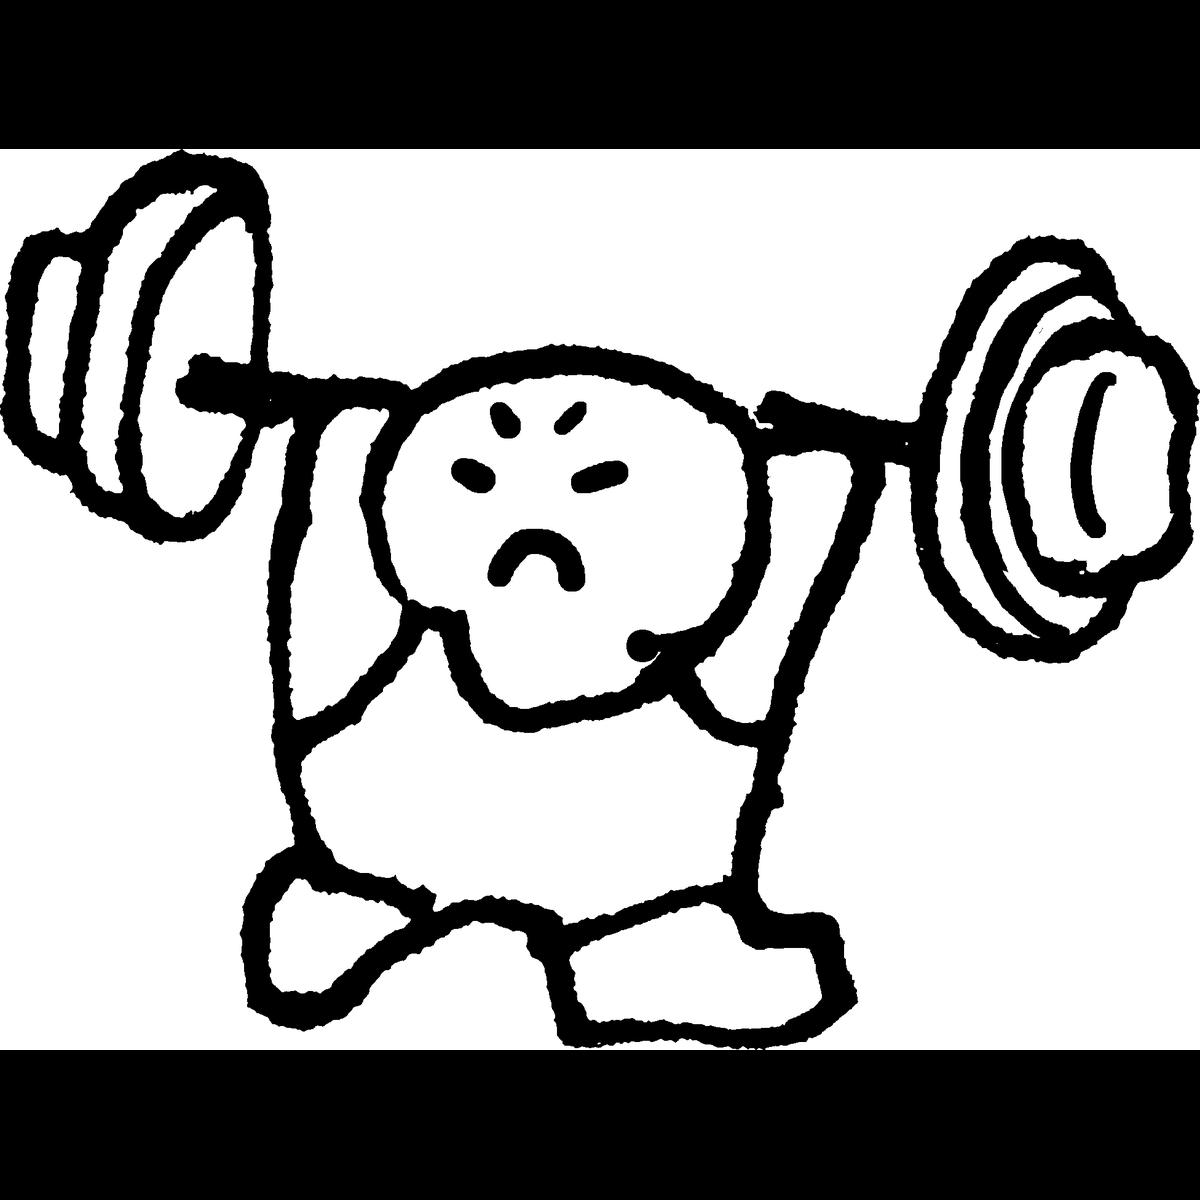 ウェイトリフティングのイラスト Weightlifting